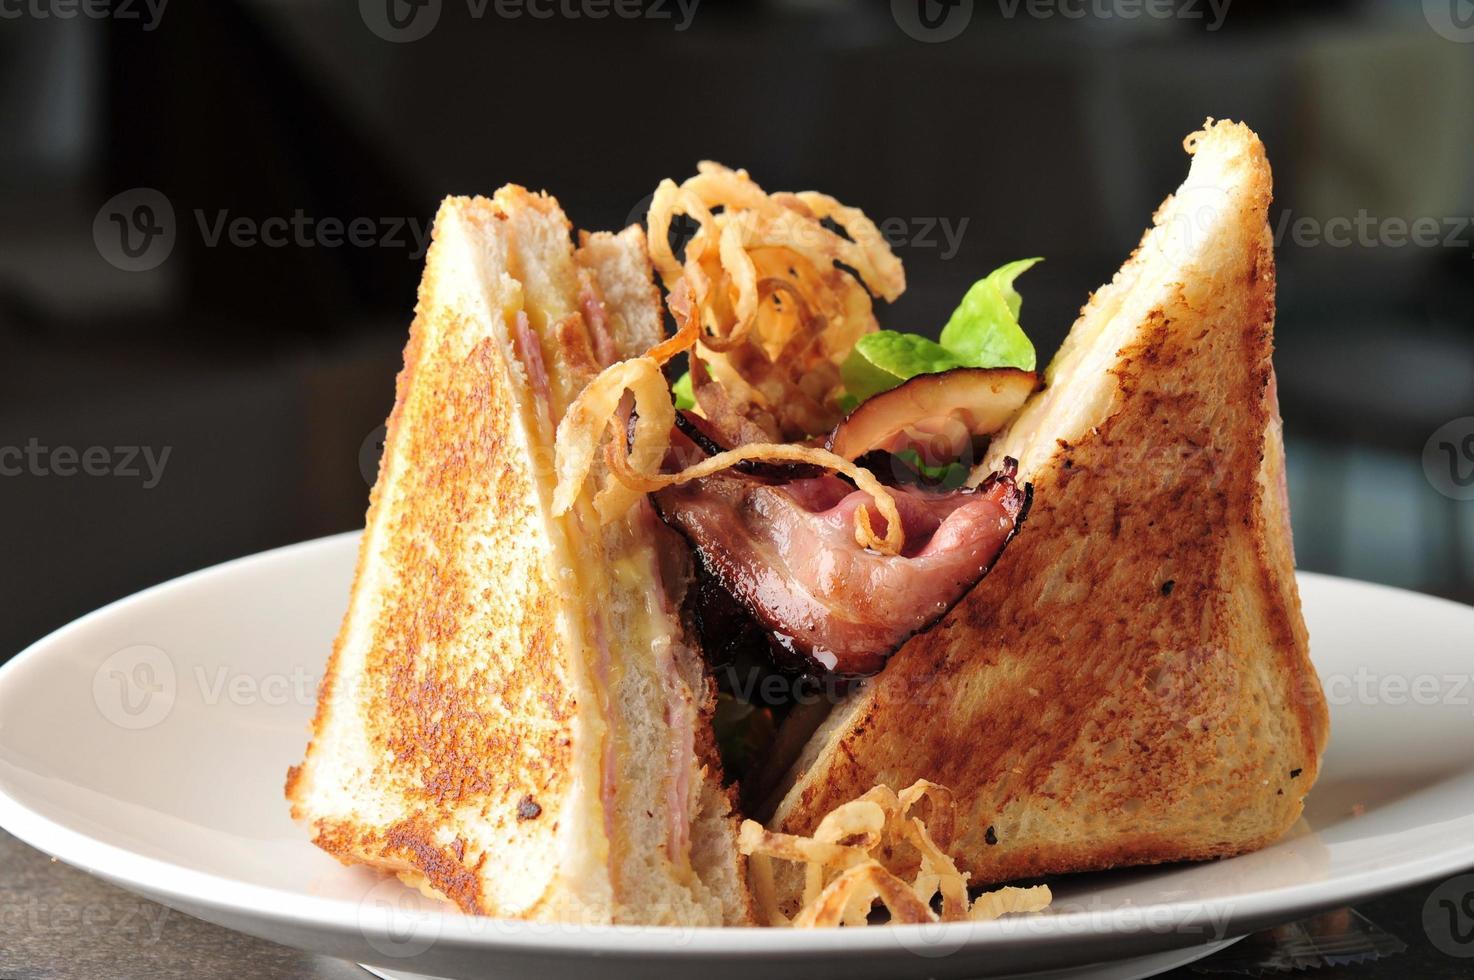 sandwich deux clubs avec bacon cuit au four photo